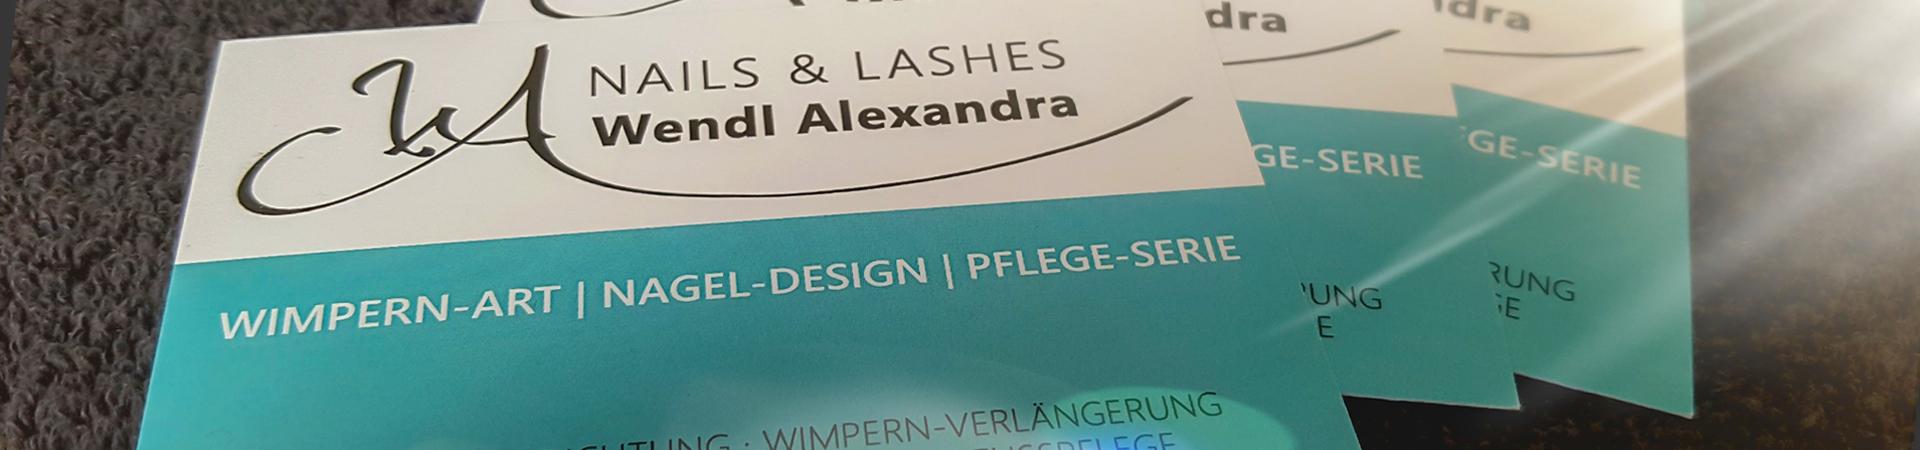 Wimpernverlängerung, Wimperndesign, Nageldesign, Pflegeprodukte